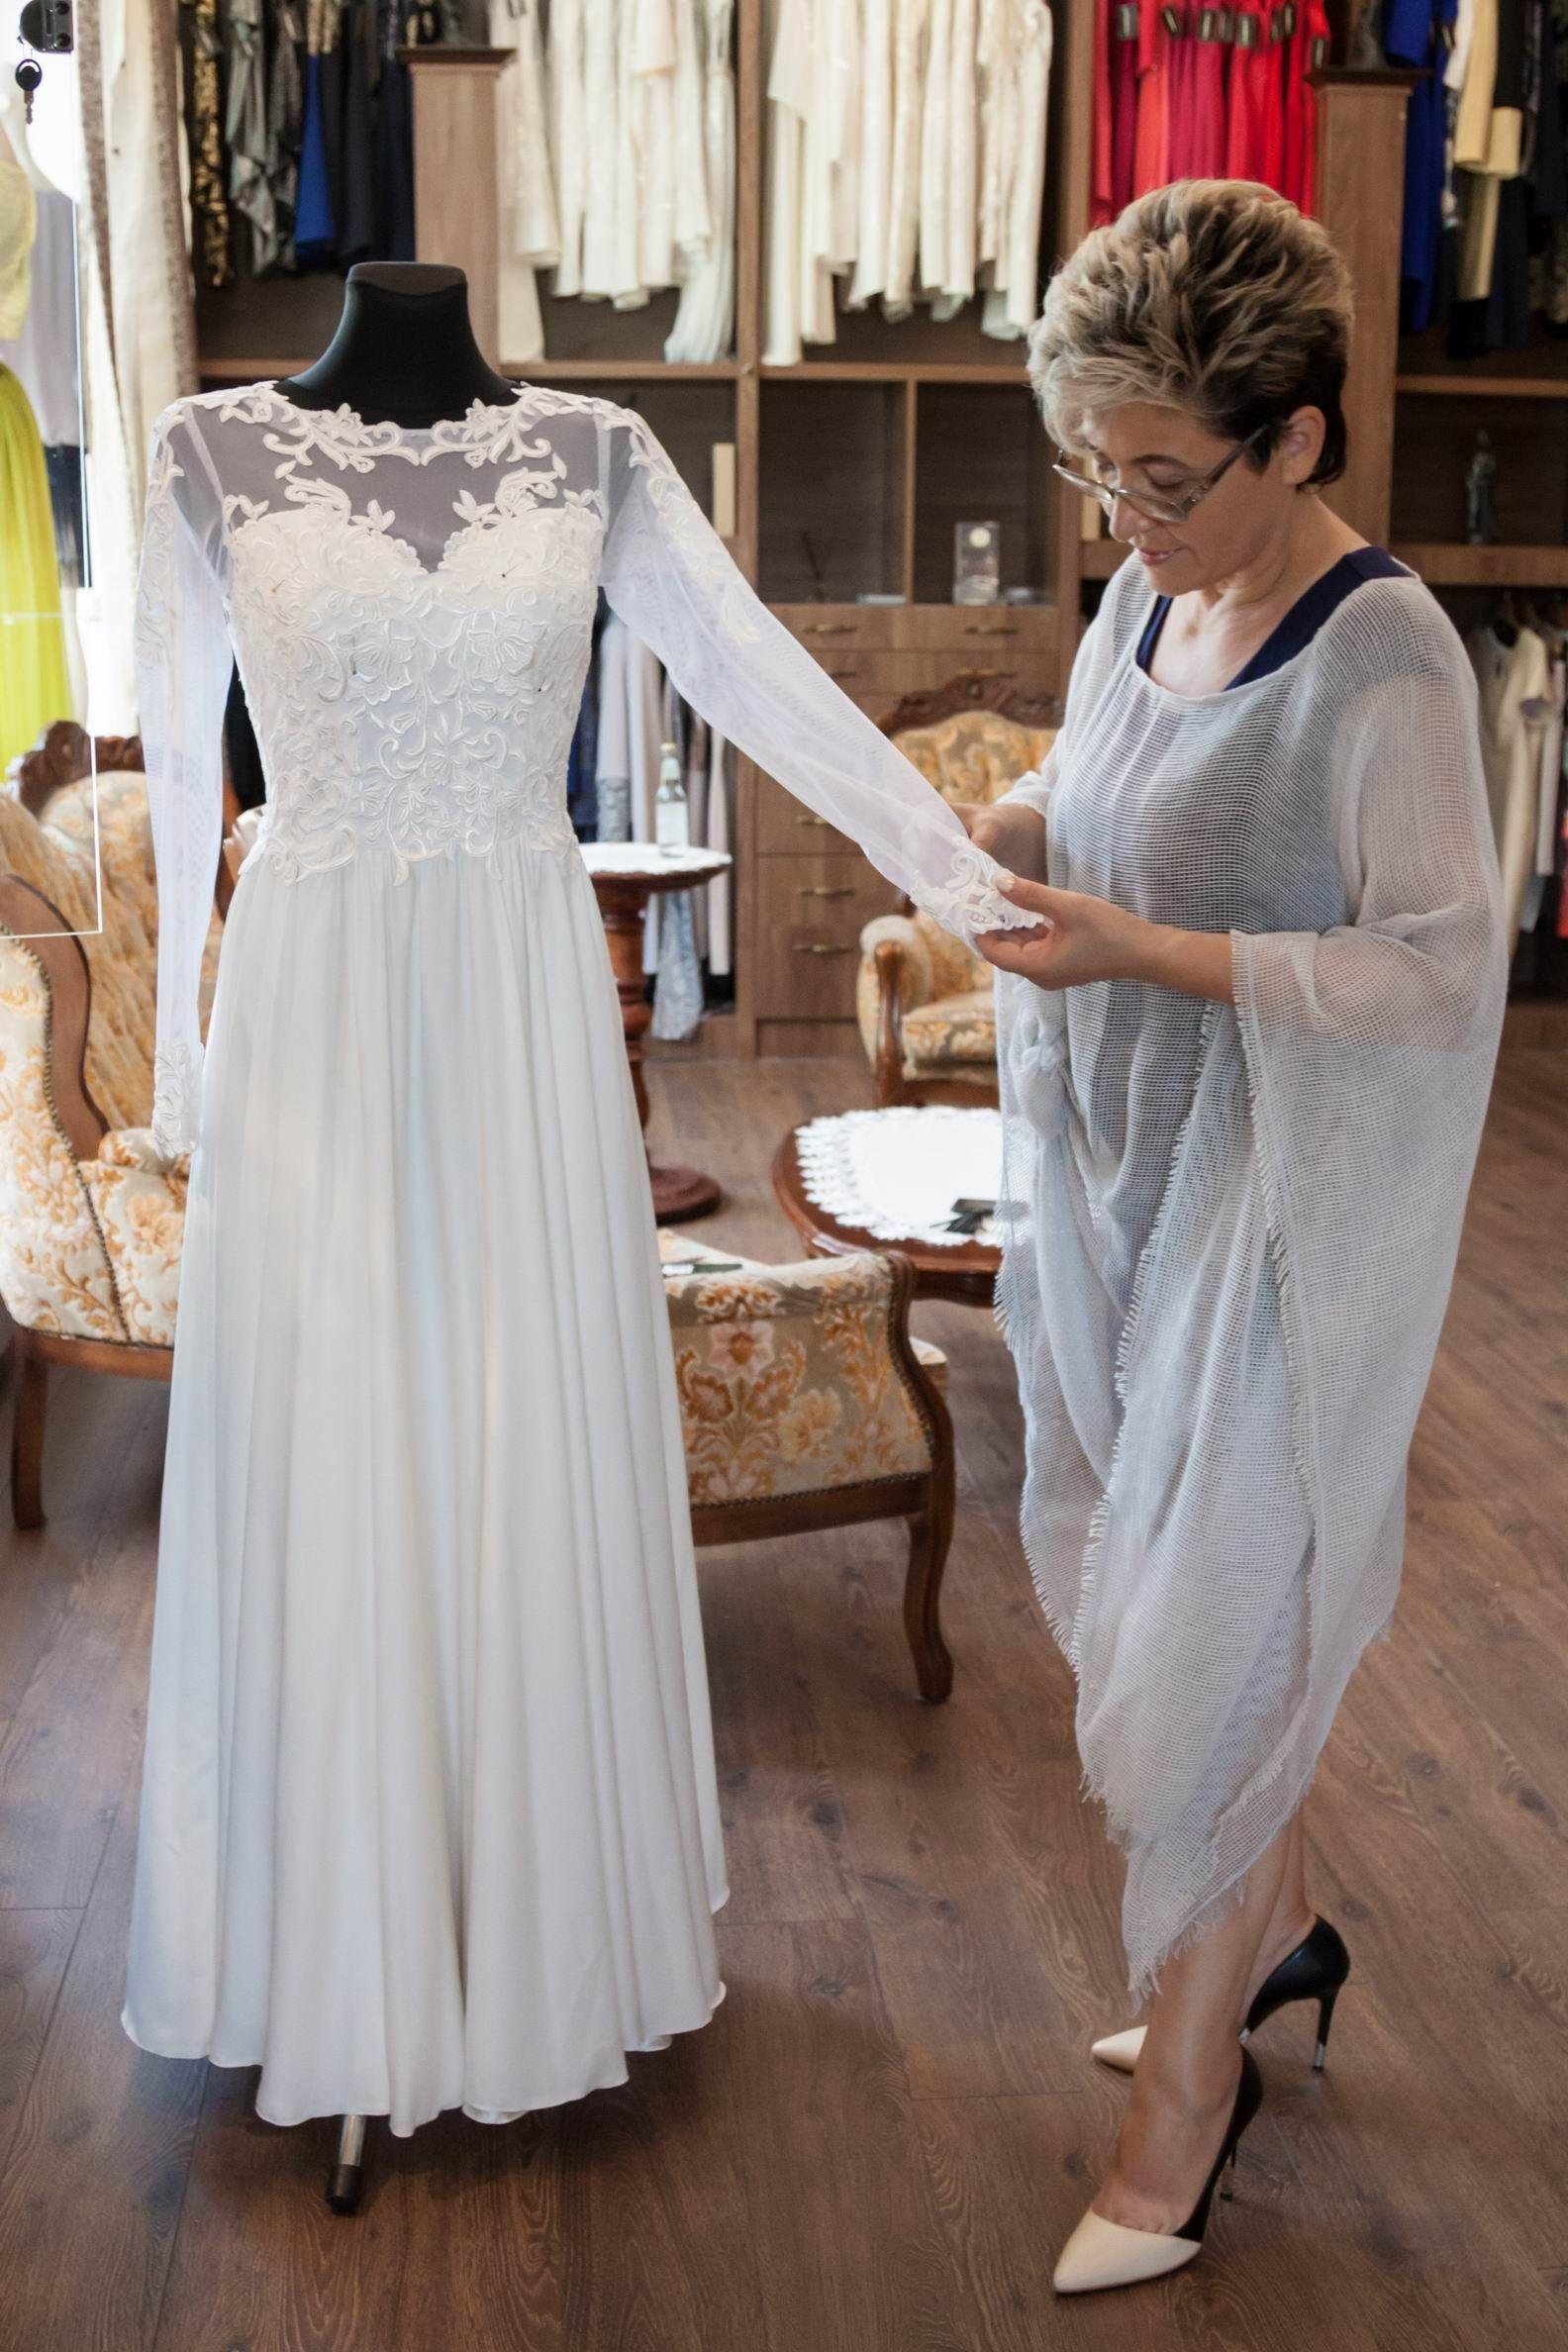 37fc957e24 Oryginalne suknie ślubne szyte na miarę z De Marco Sukienka  demarco   frydrychowice  sukienka  wesele  bal  moda  wf  styl  beautiful   wladyslawafraczek ...